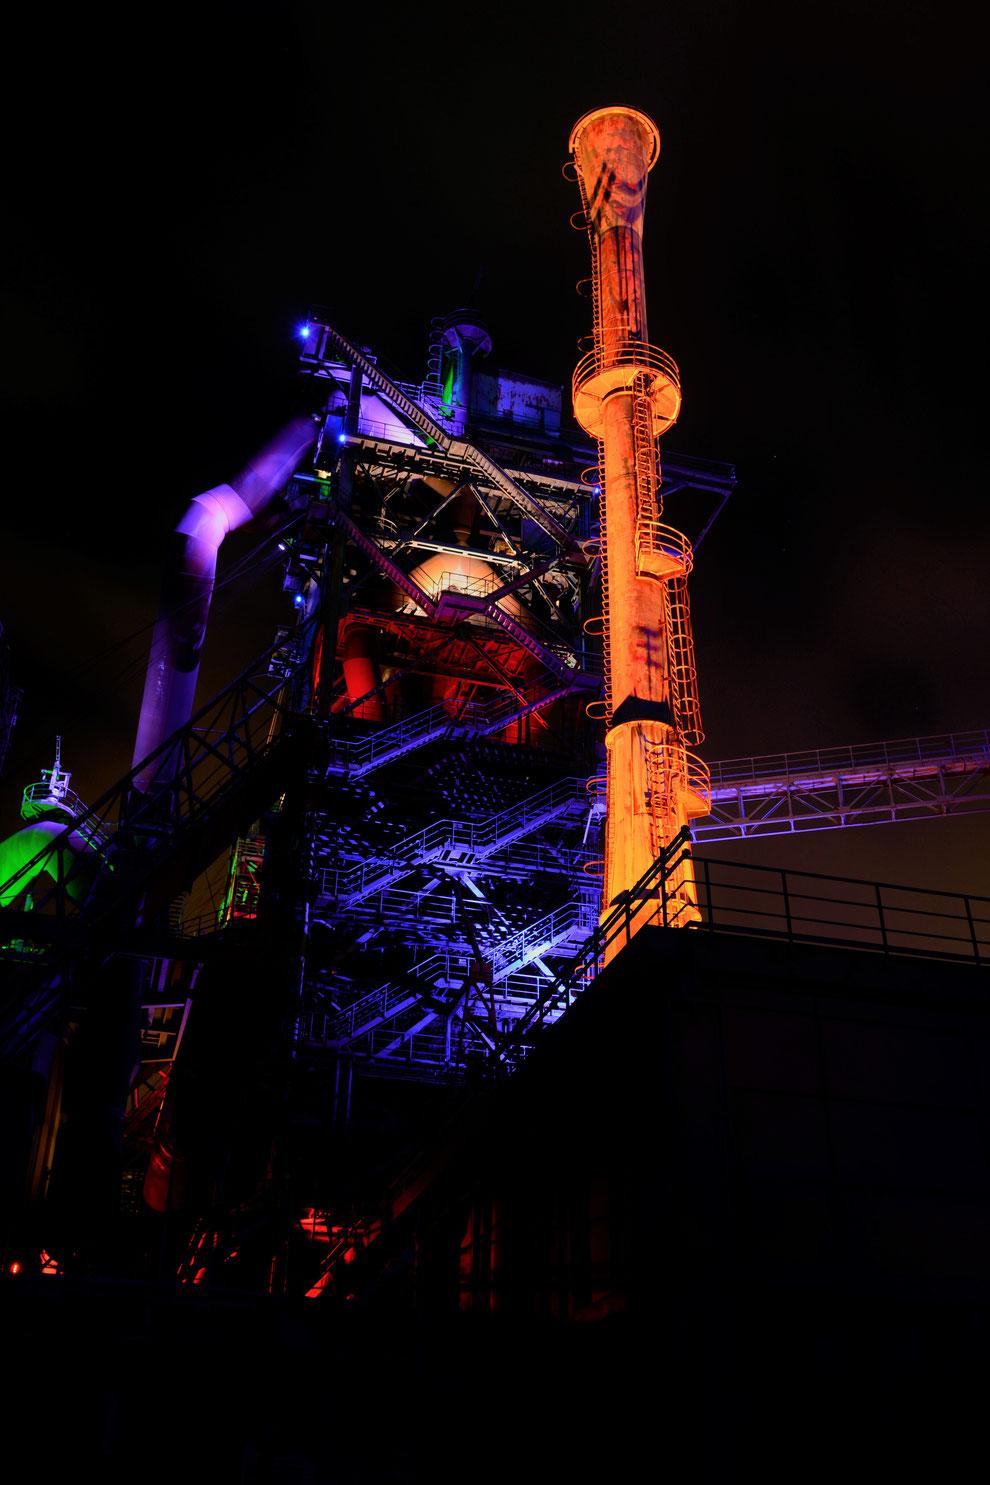 Das alte Stahlwerk ist tagsüber schon imposant, mit der Beleuchtung aber ist es der Wahnsinn!